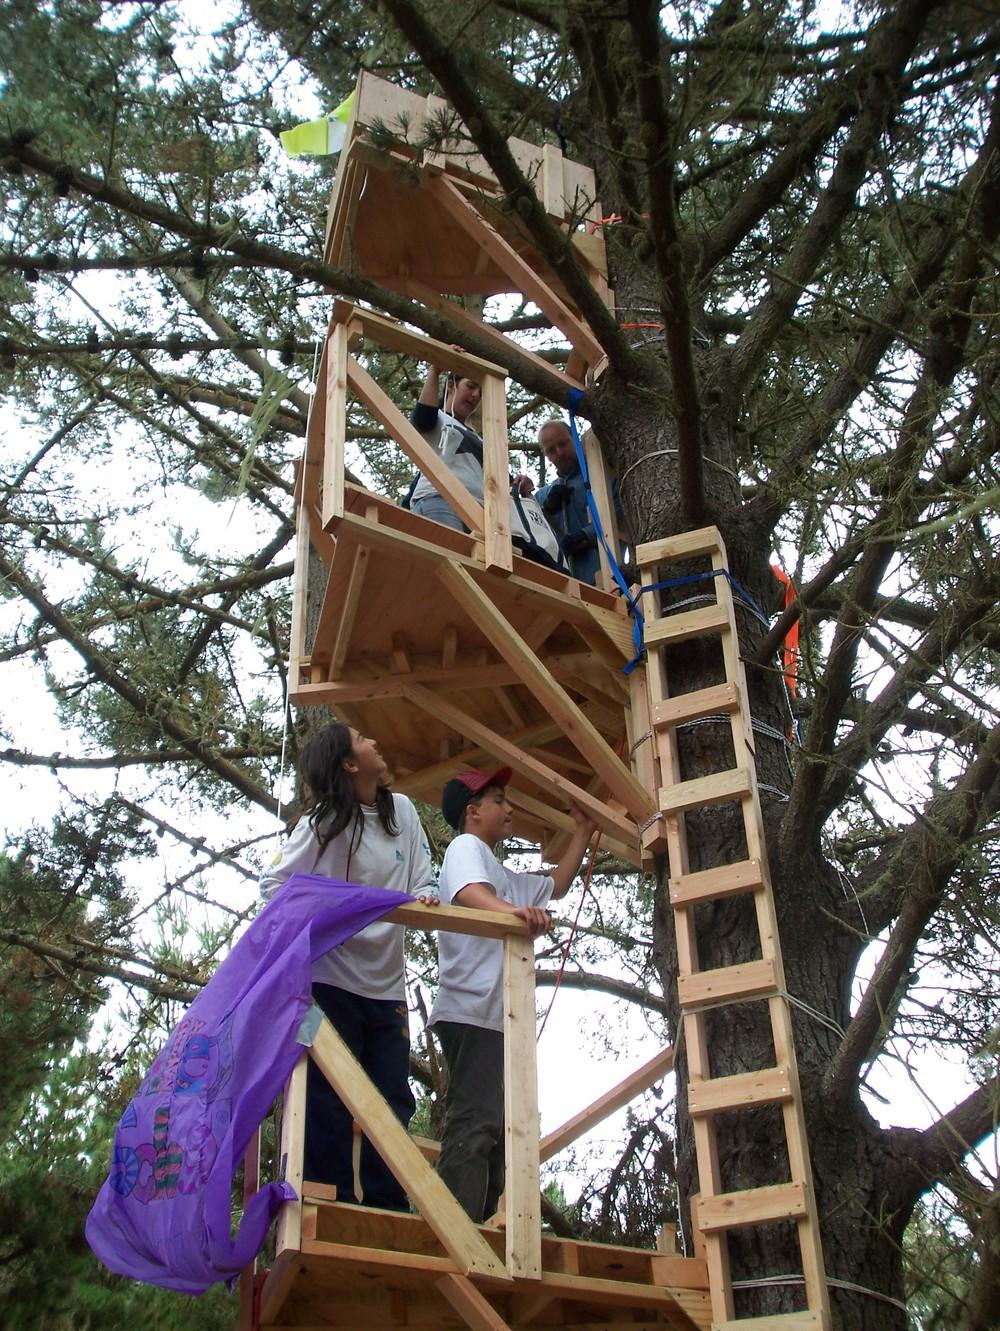 A three story tree-house takes shape